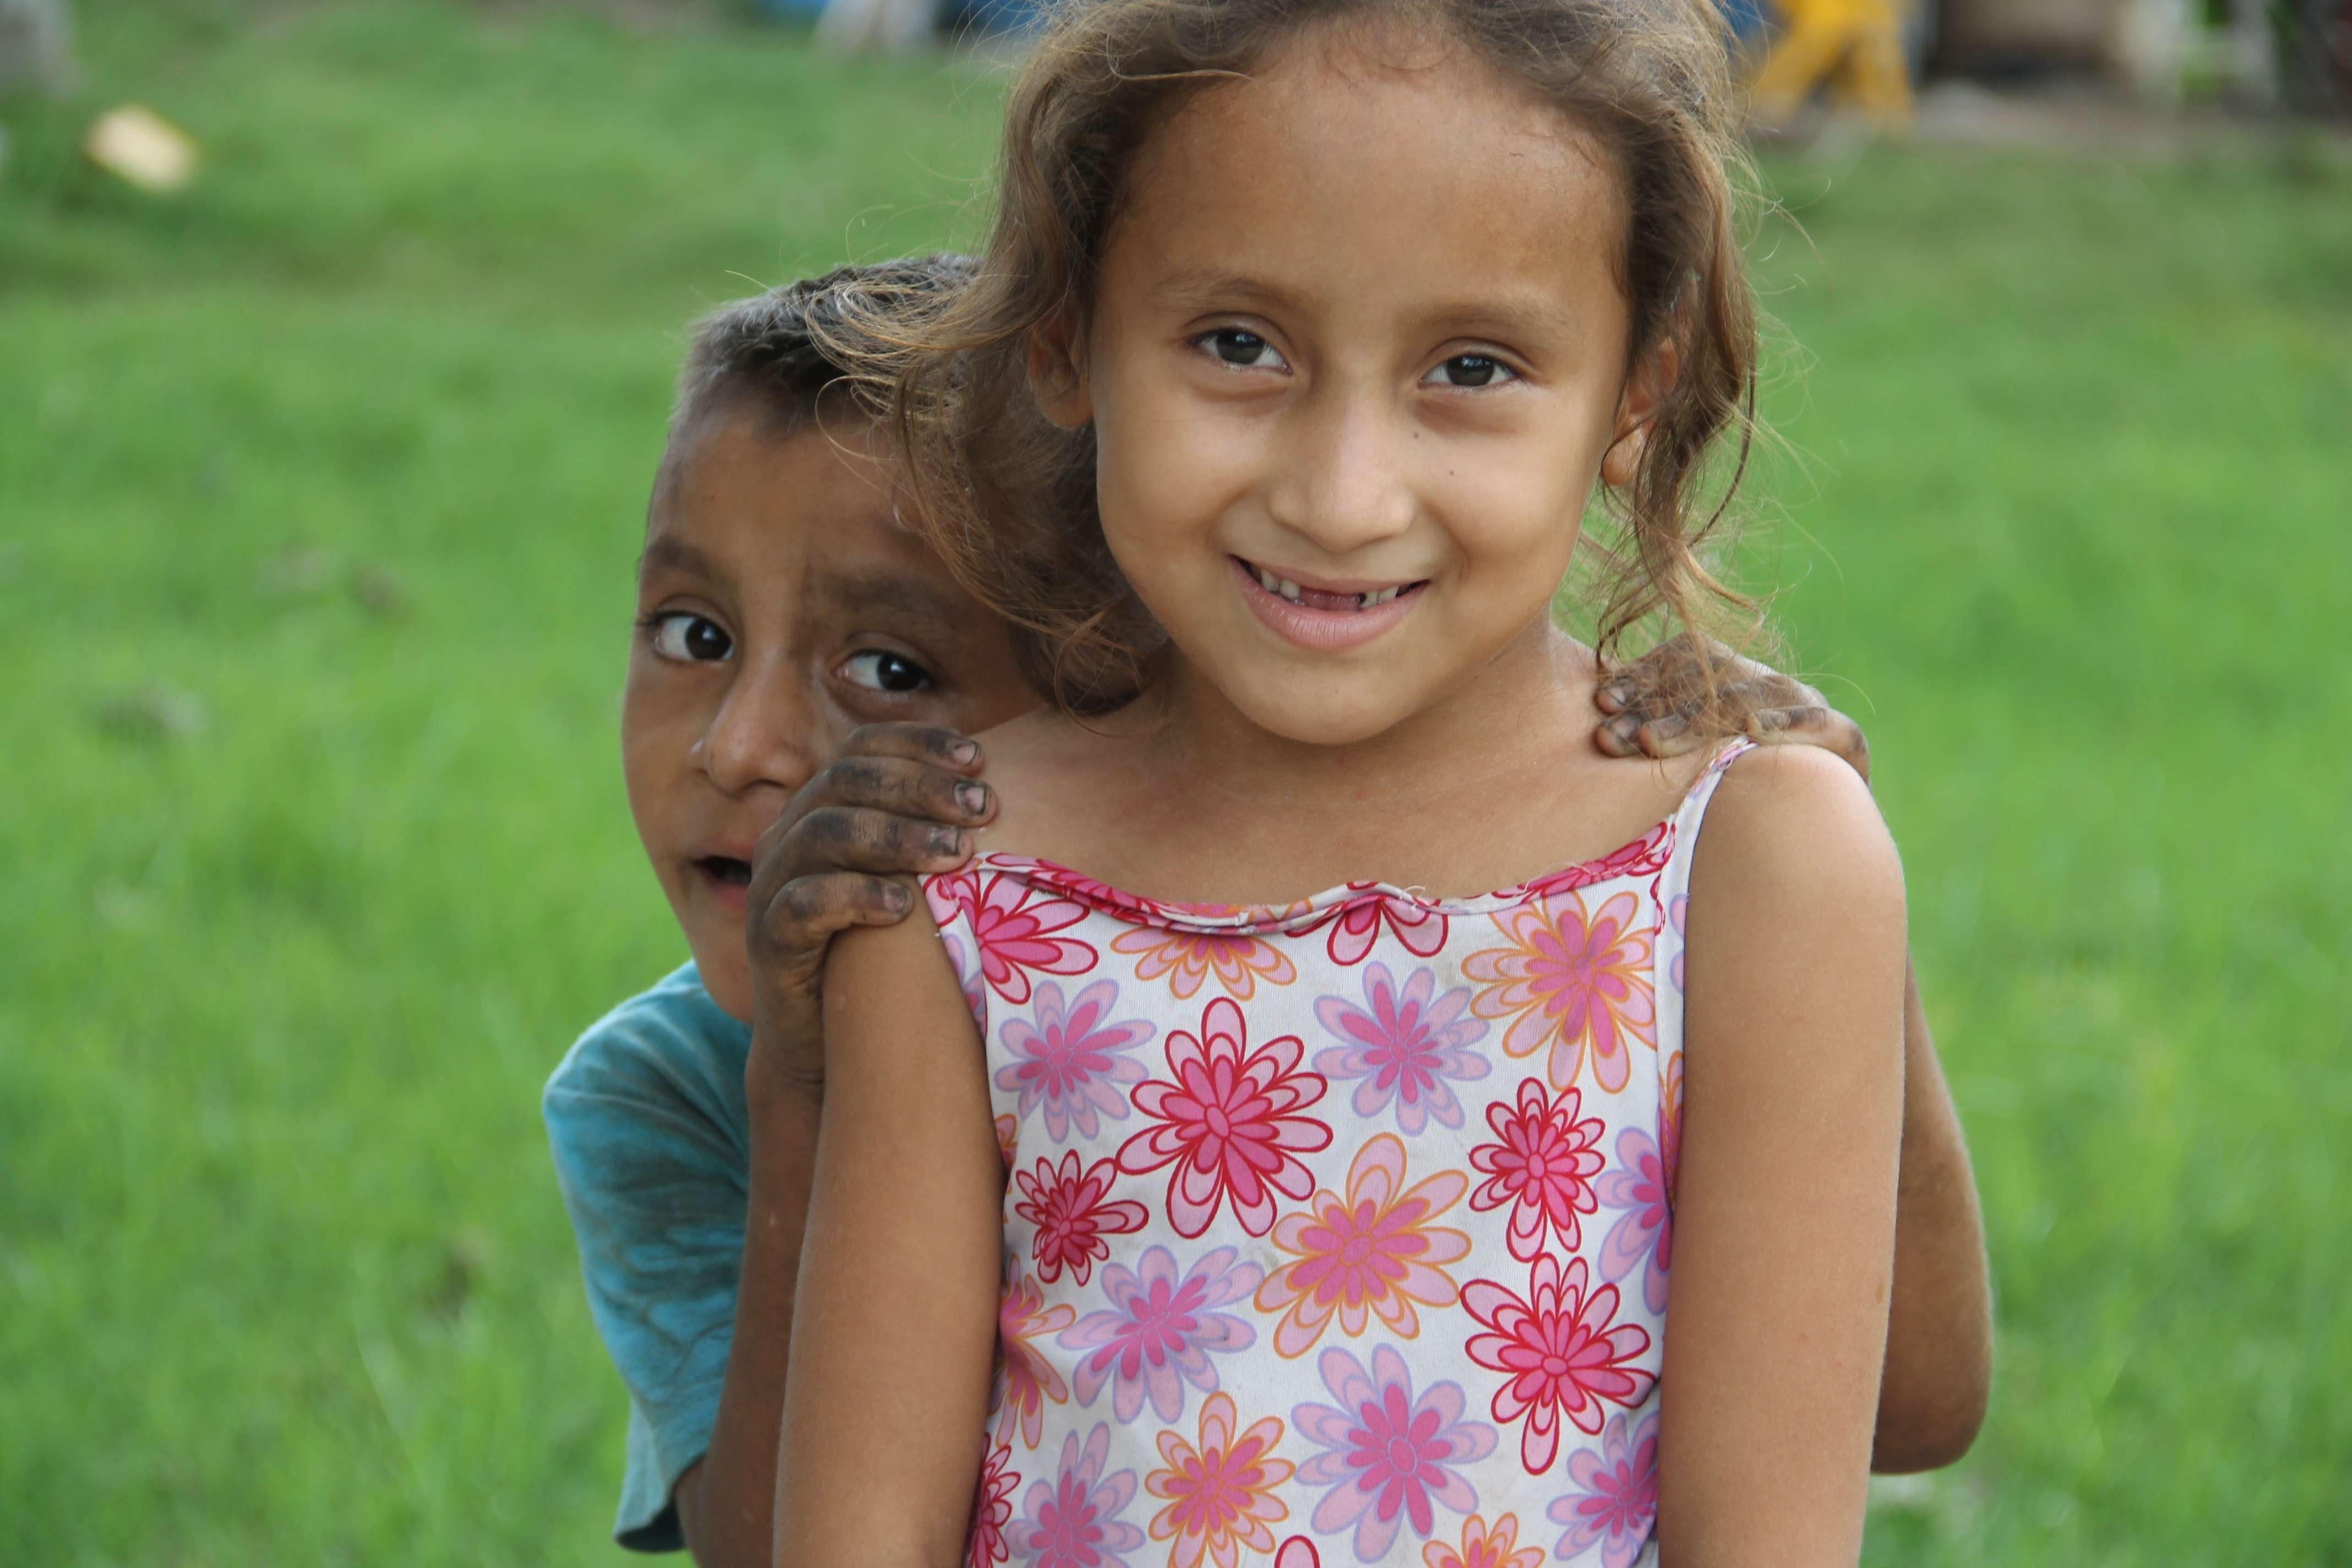 Image 19 Cute Kids